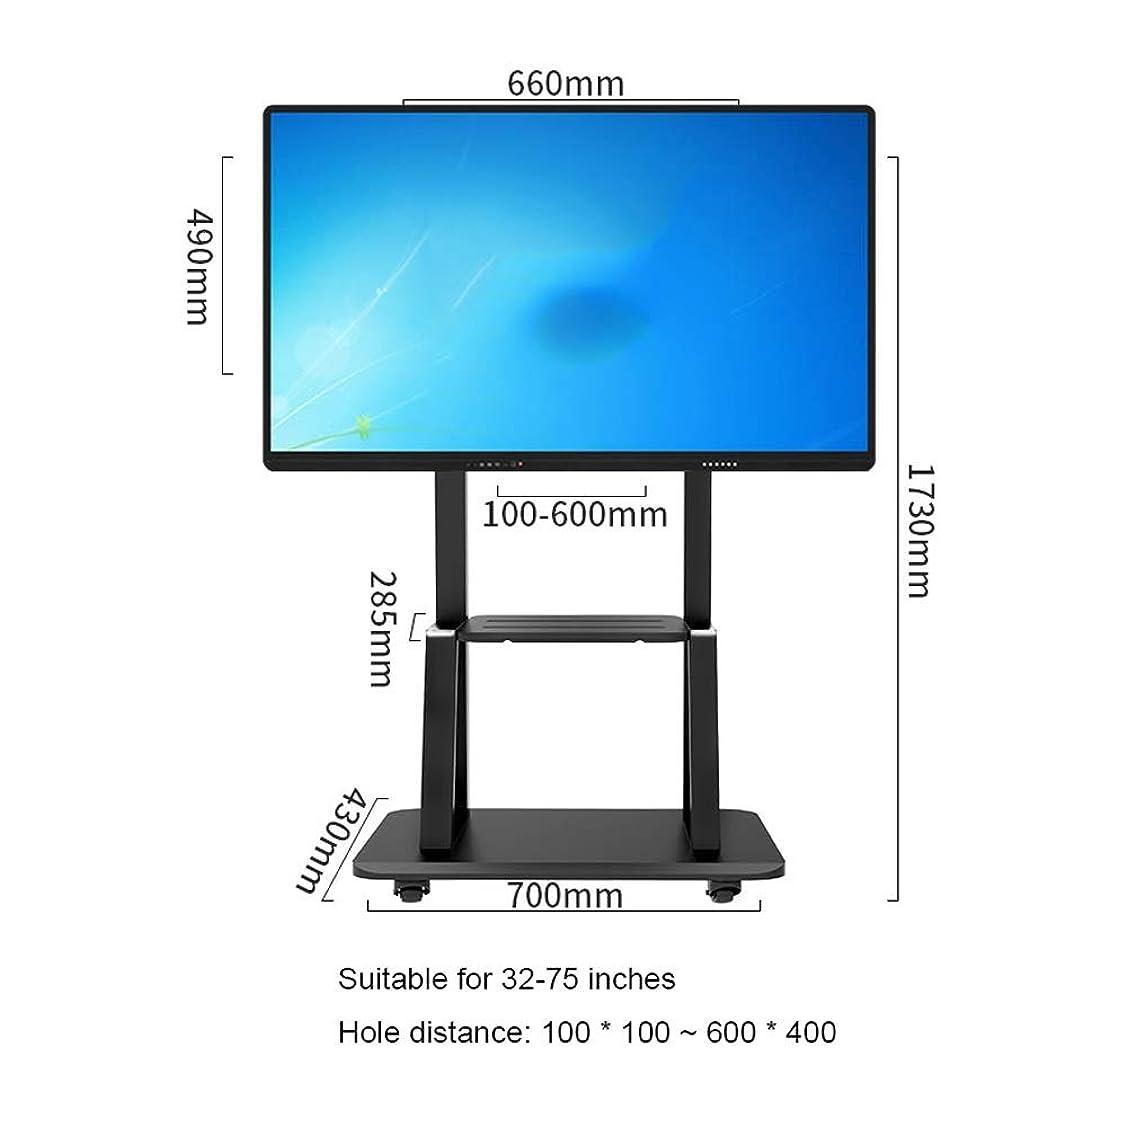 軽減する強度粘土ユニバーサルテレビスタンド - テーブルトップのテレビは32から75インチの液晶LEDテレビ用スタンド - 高さ調節可能なテレビベースは、VESA 600 * 400ミリメートルスタンド